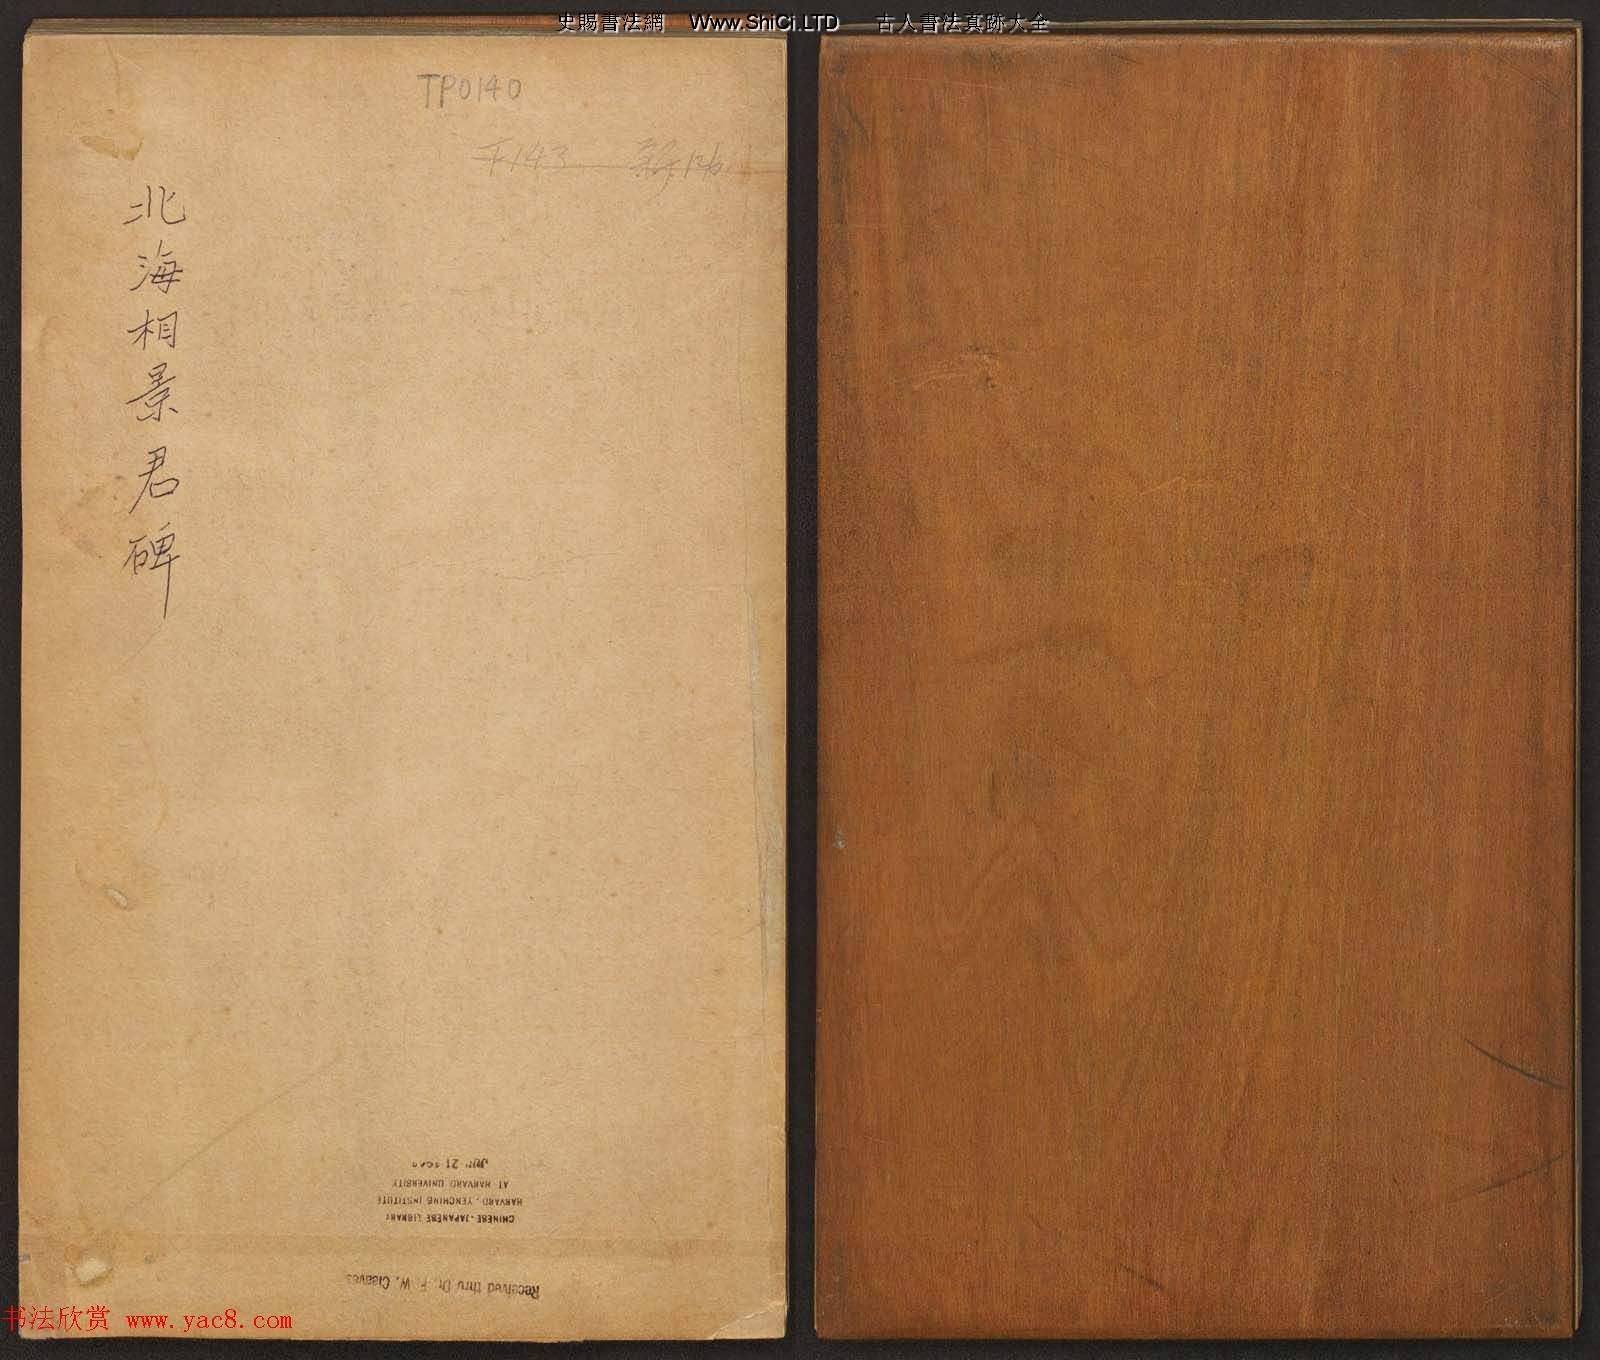 東漢隸書石刻《北海相景君碑》拓本(共20張圖片)